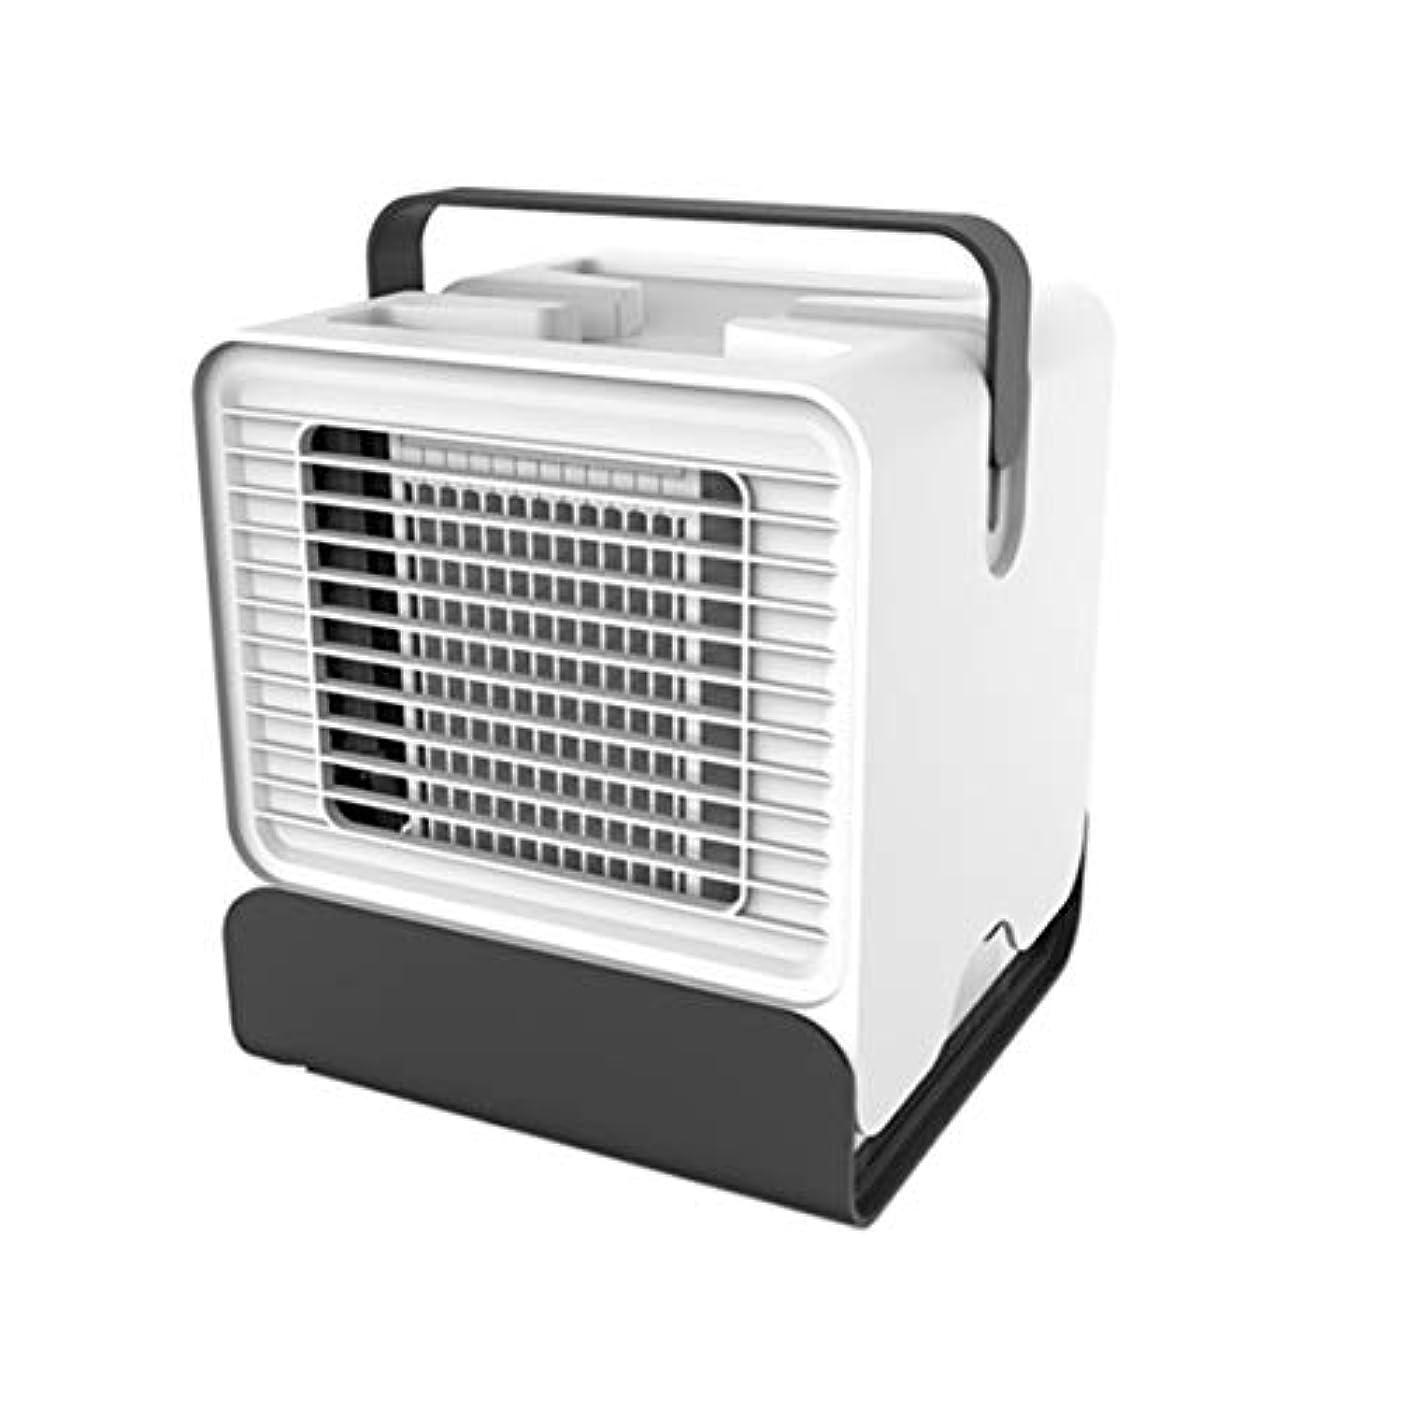 有限予約安定した白い寝室の功妙なより涼しいファンLEDのための小型エアコンの涼しい冷却ファン、白